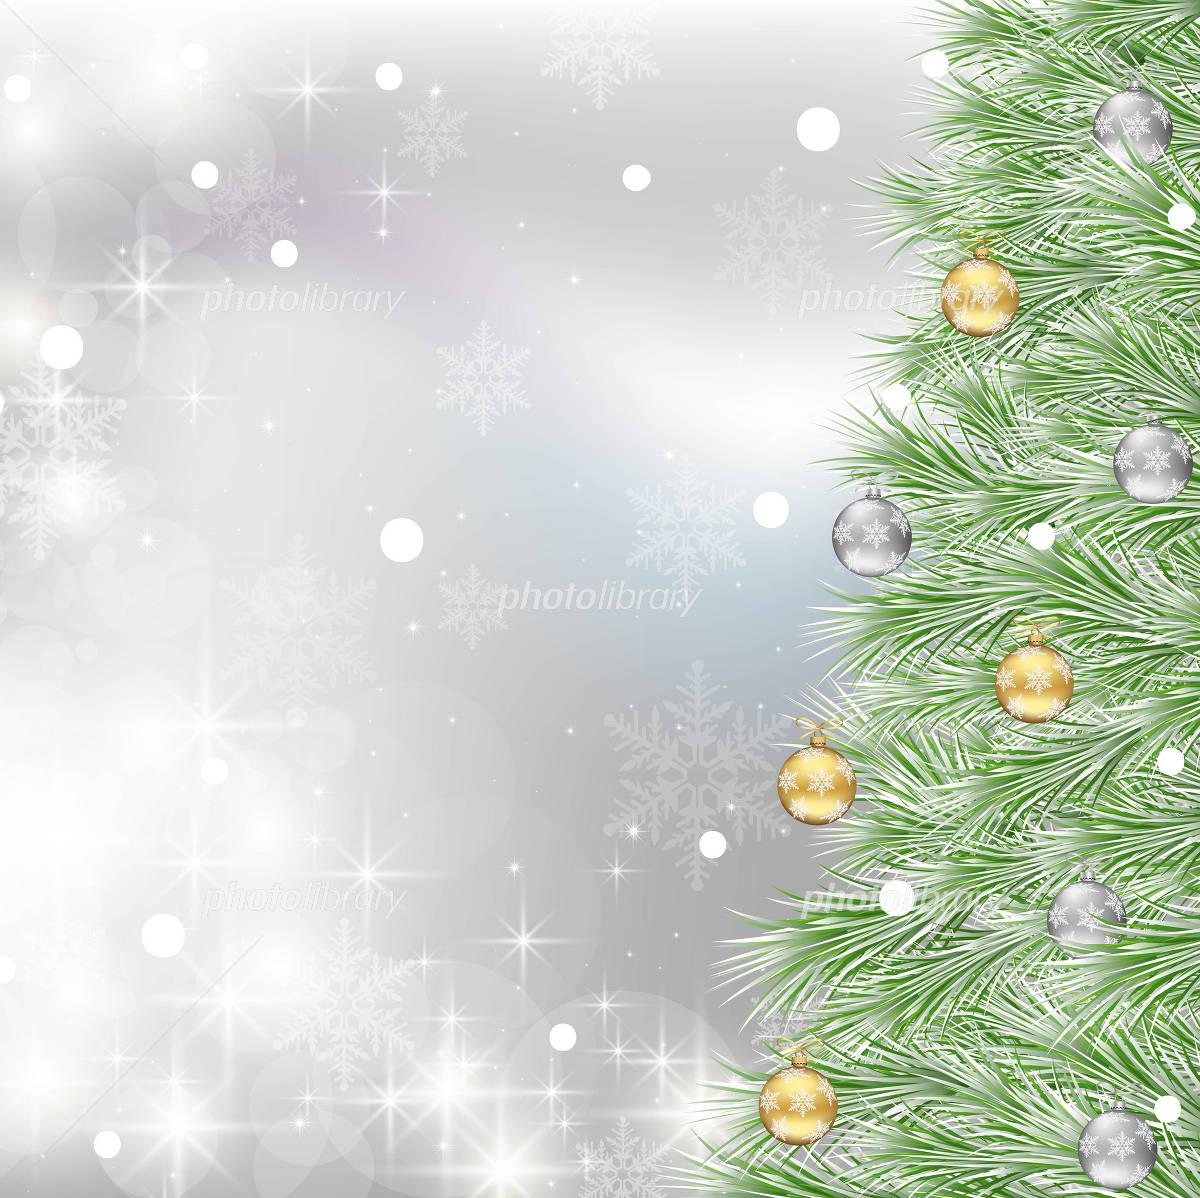 ホワイトクリスマス イラスト素材 [ 2227730 ] - フォトライブラリー ...